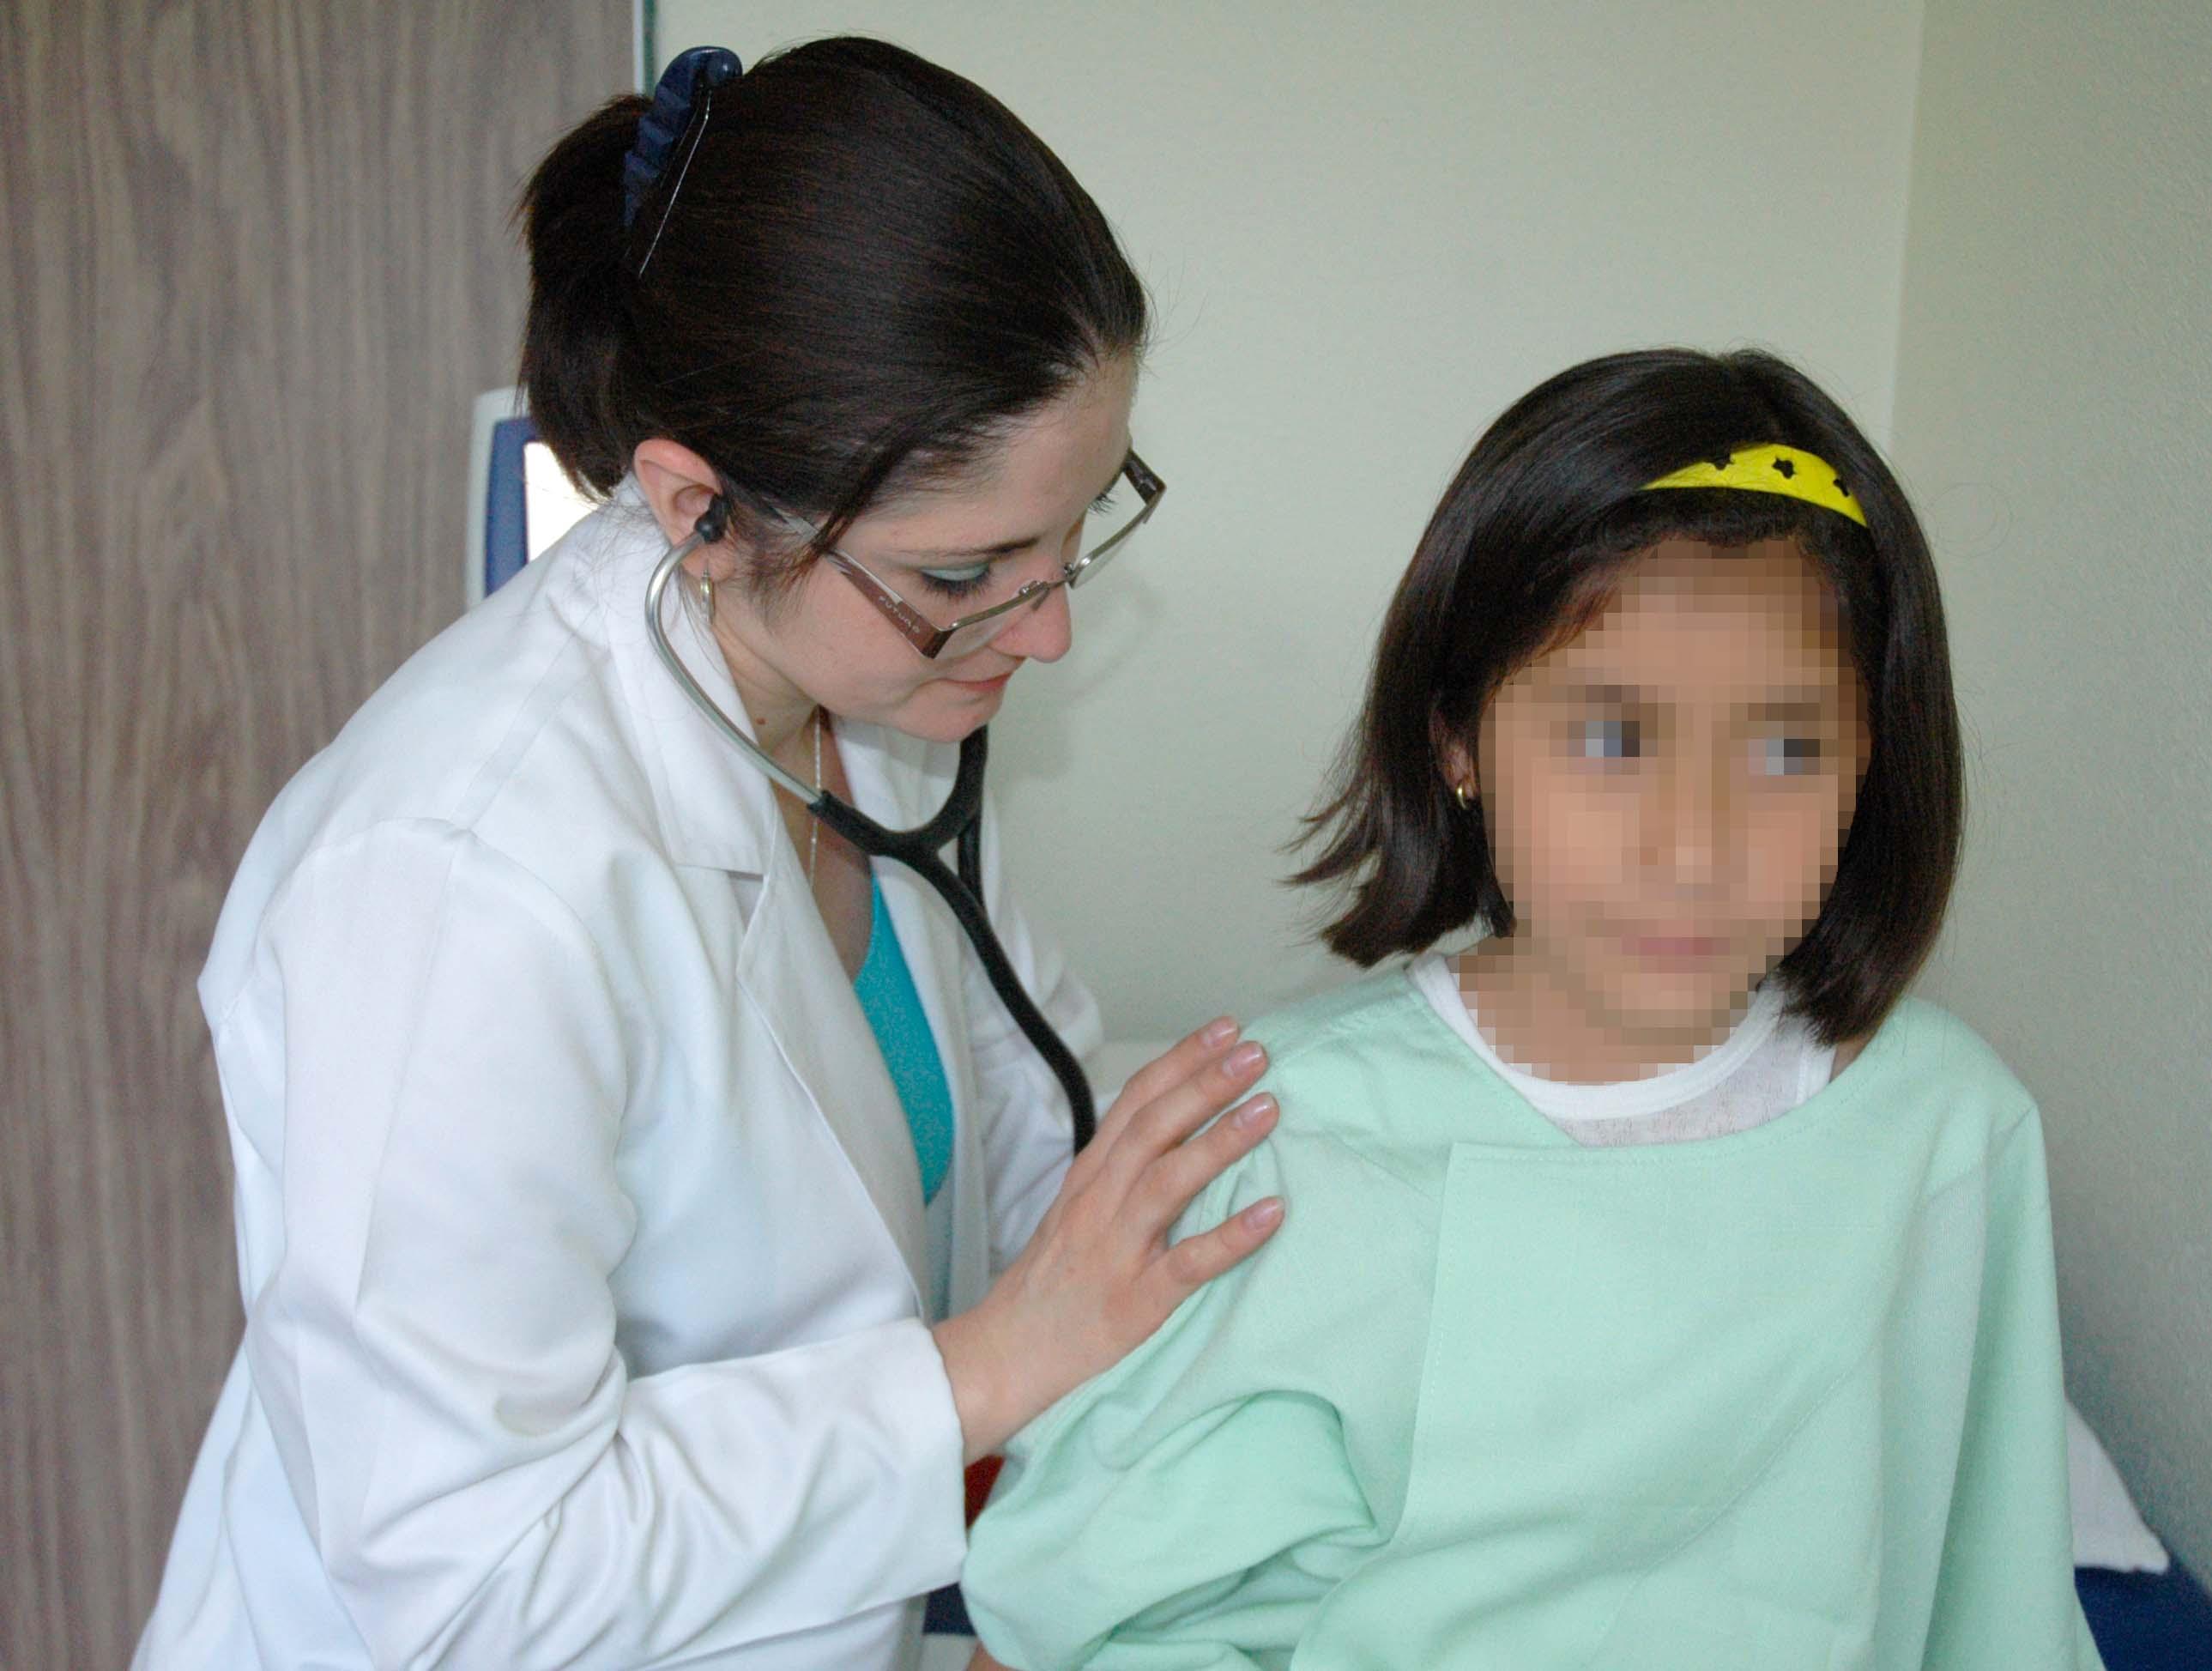 Revisión médica a la niña.